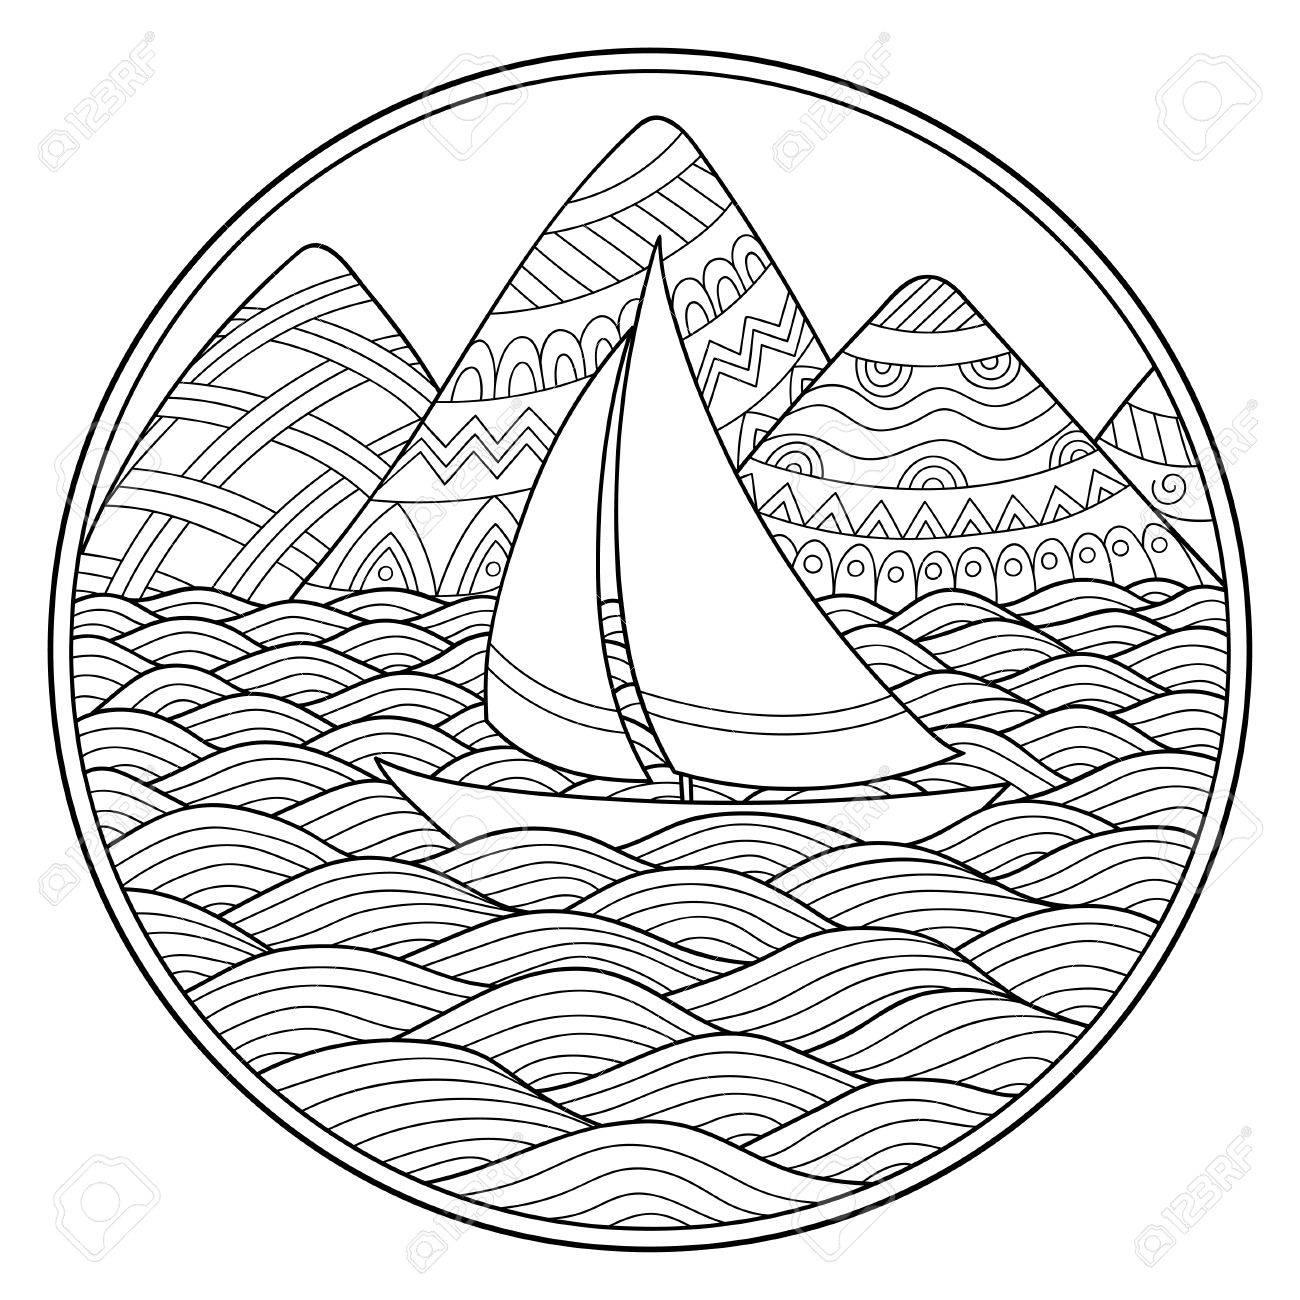 Doodle Patrón En Blanco Y Negro. Patrón De Paisaje Para Colorear